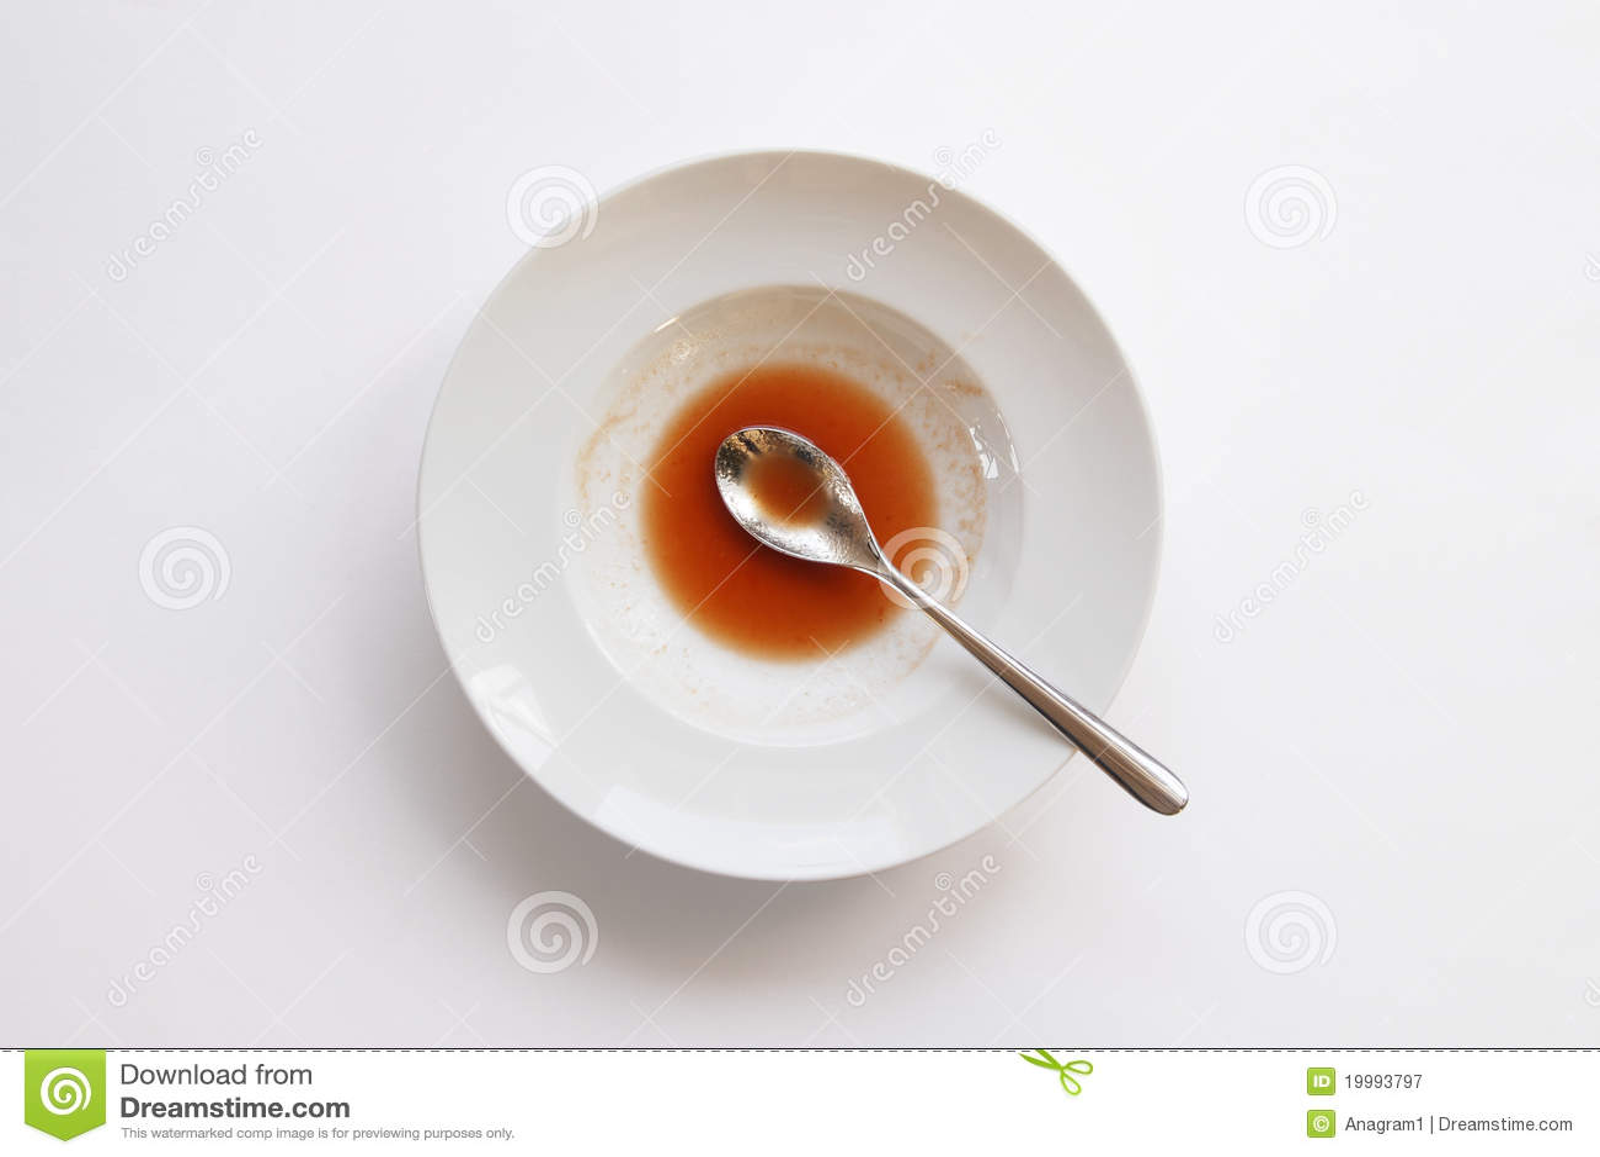 Platte mit Löffel und Resten der Suppe